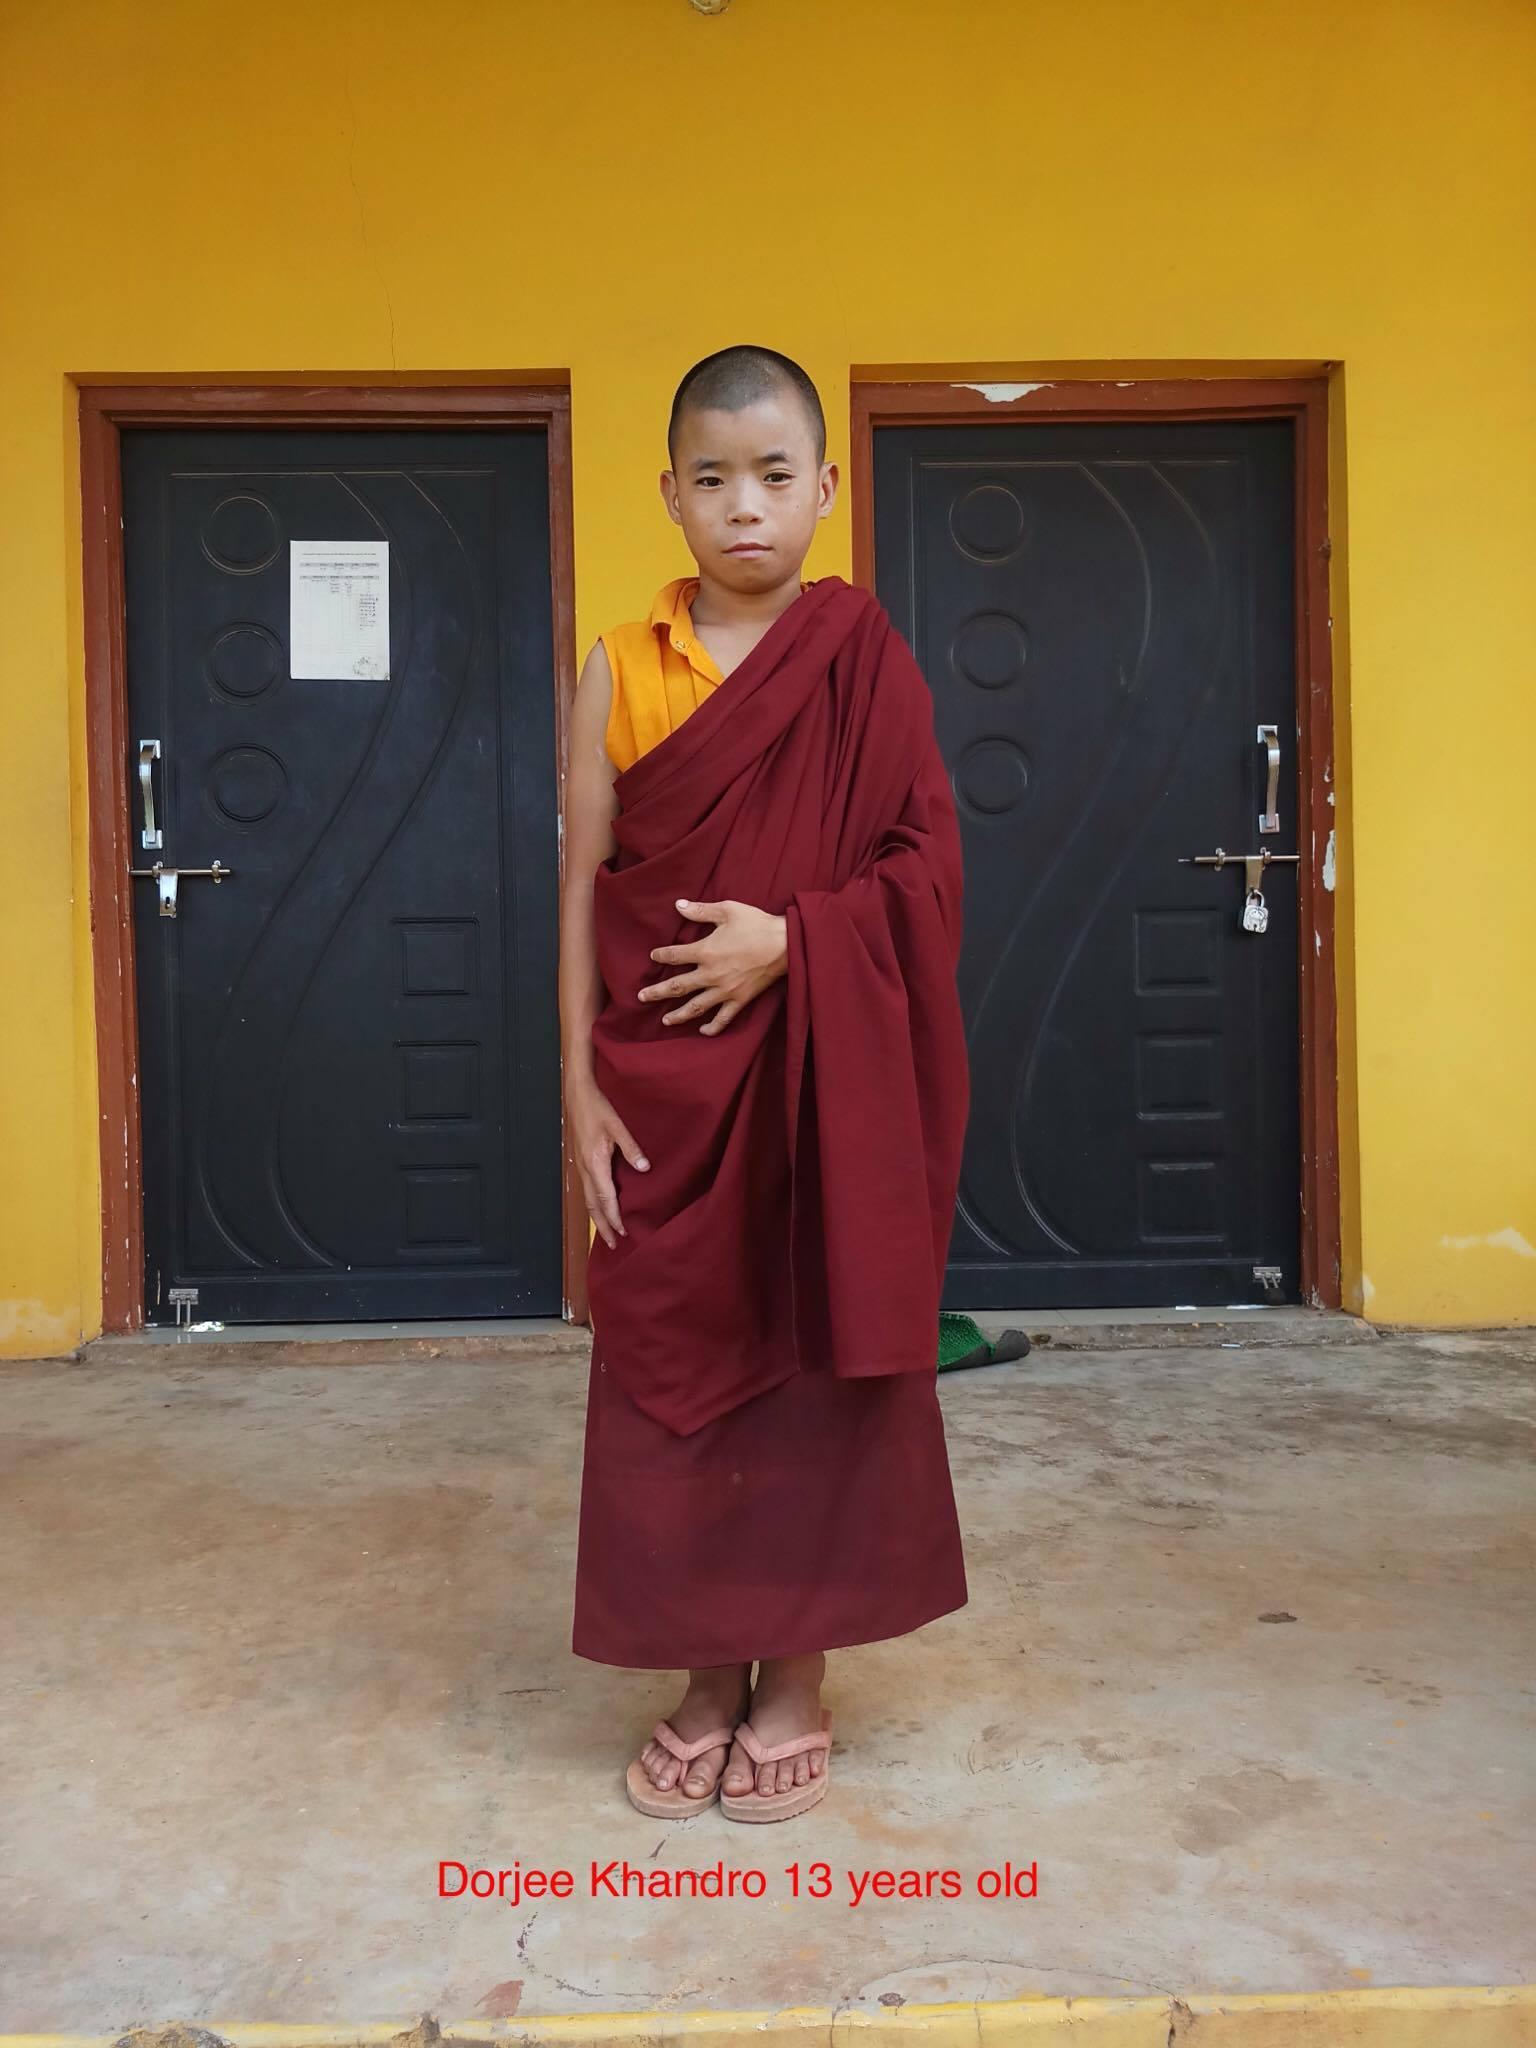 Monk_Dorjee_Khandro_13yrs_old.jpg